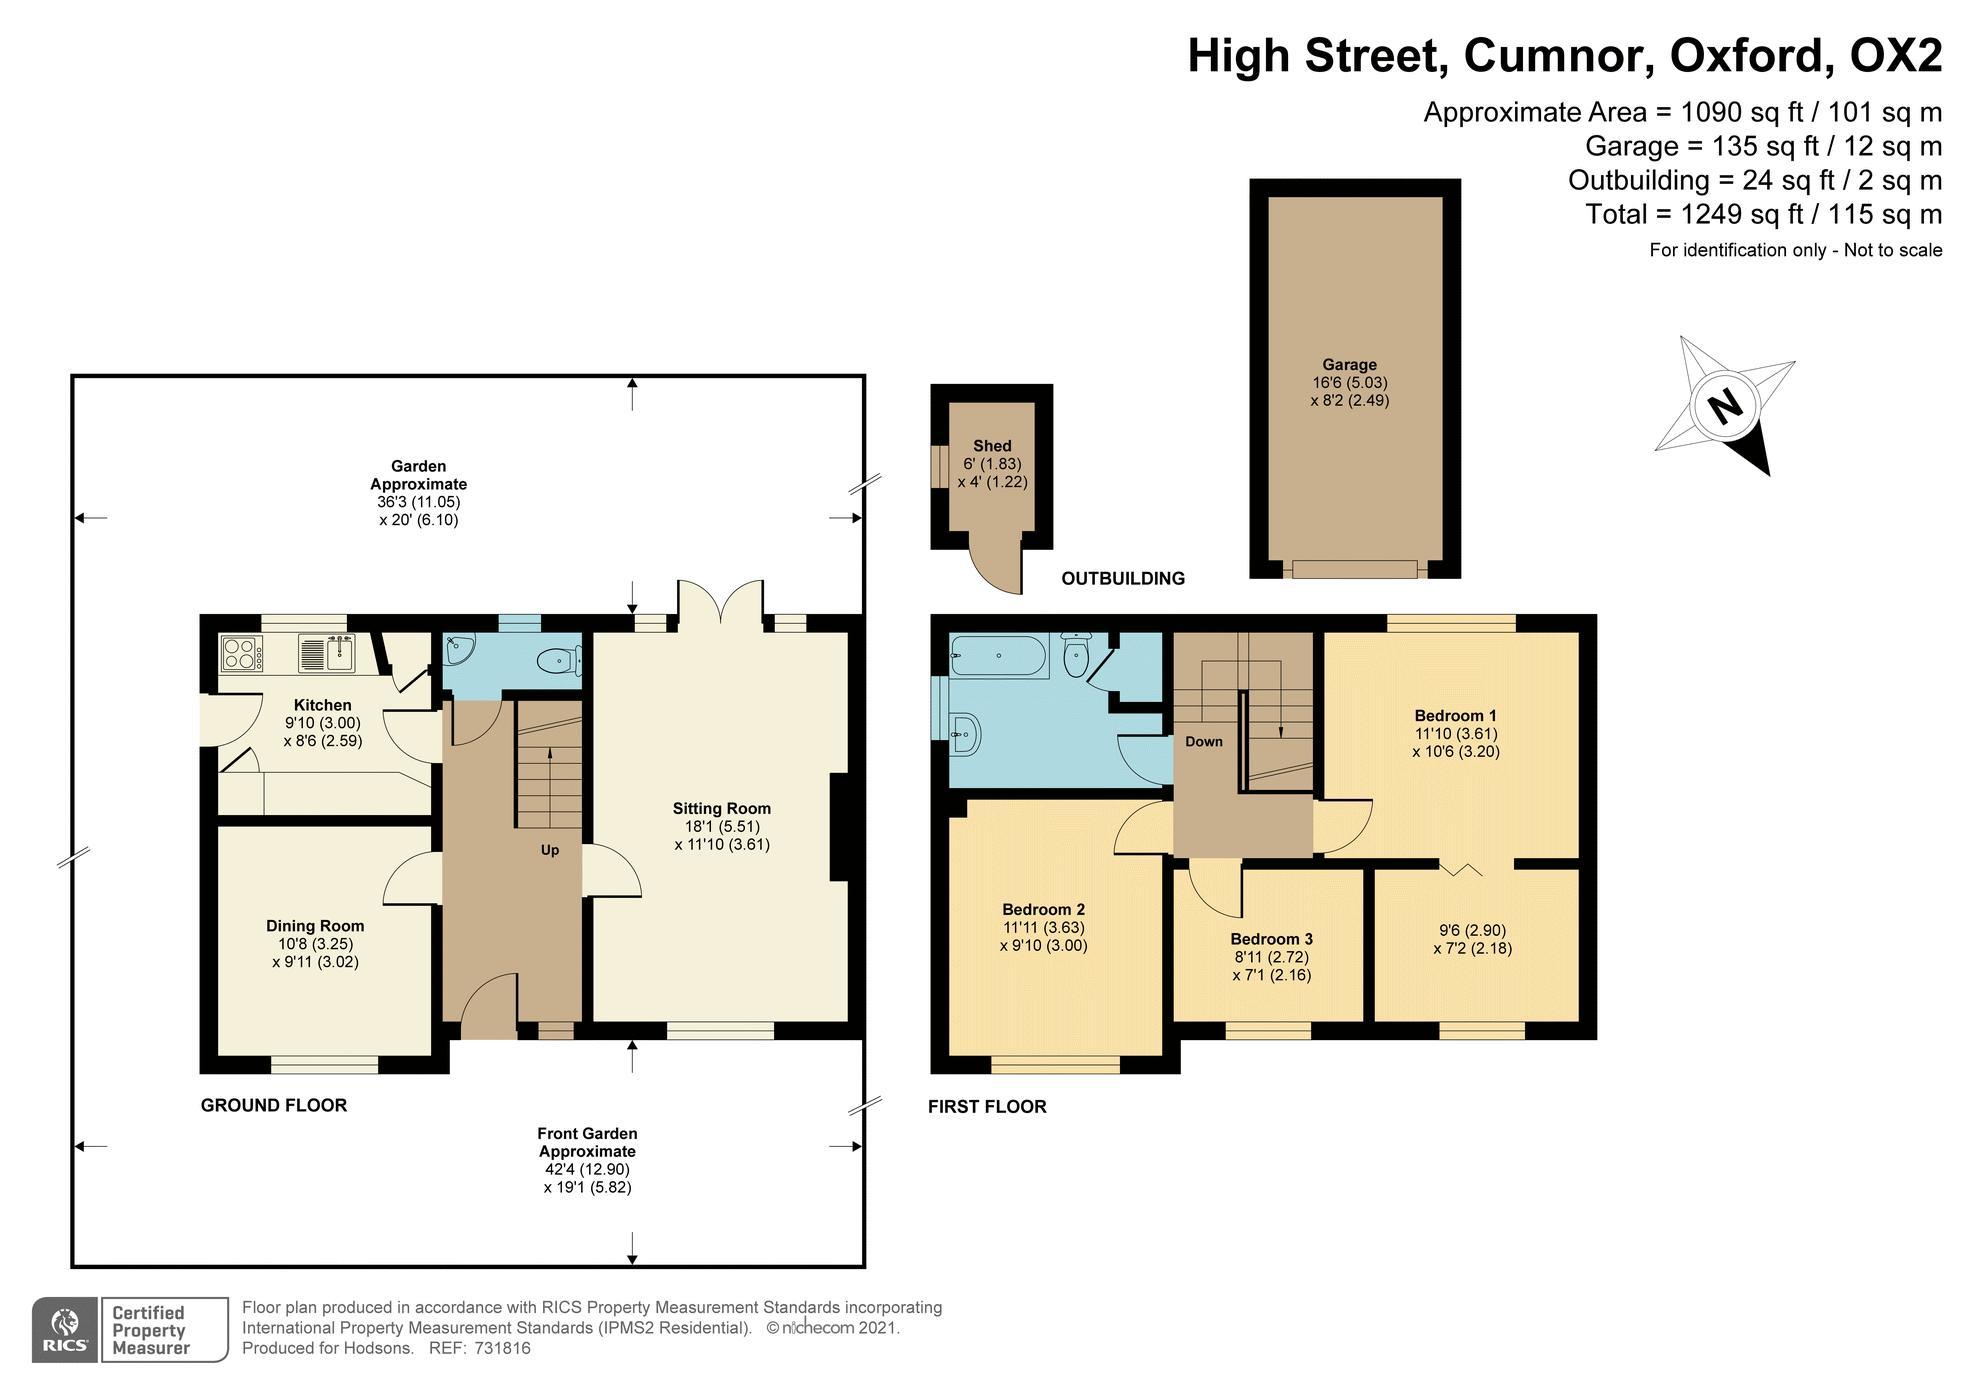 High Street Cumnor